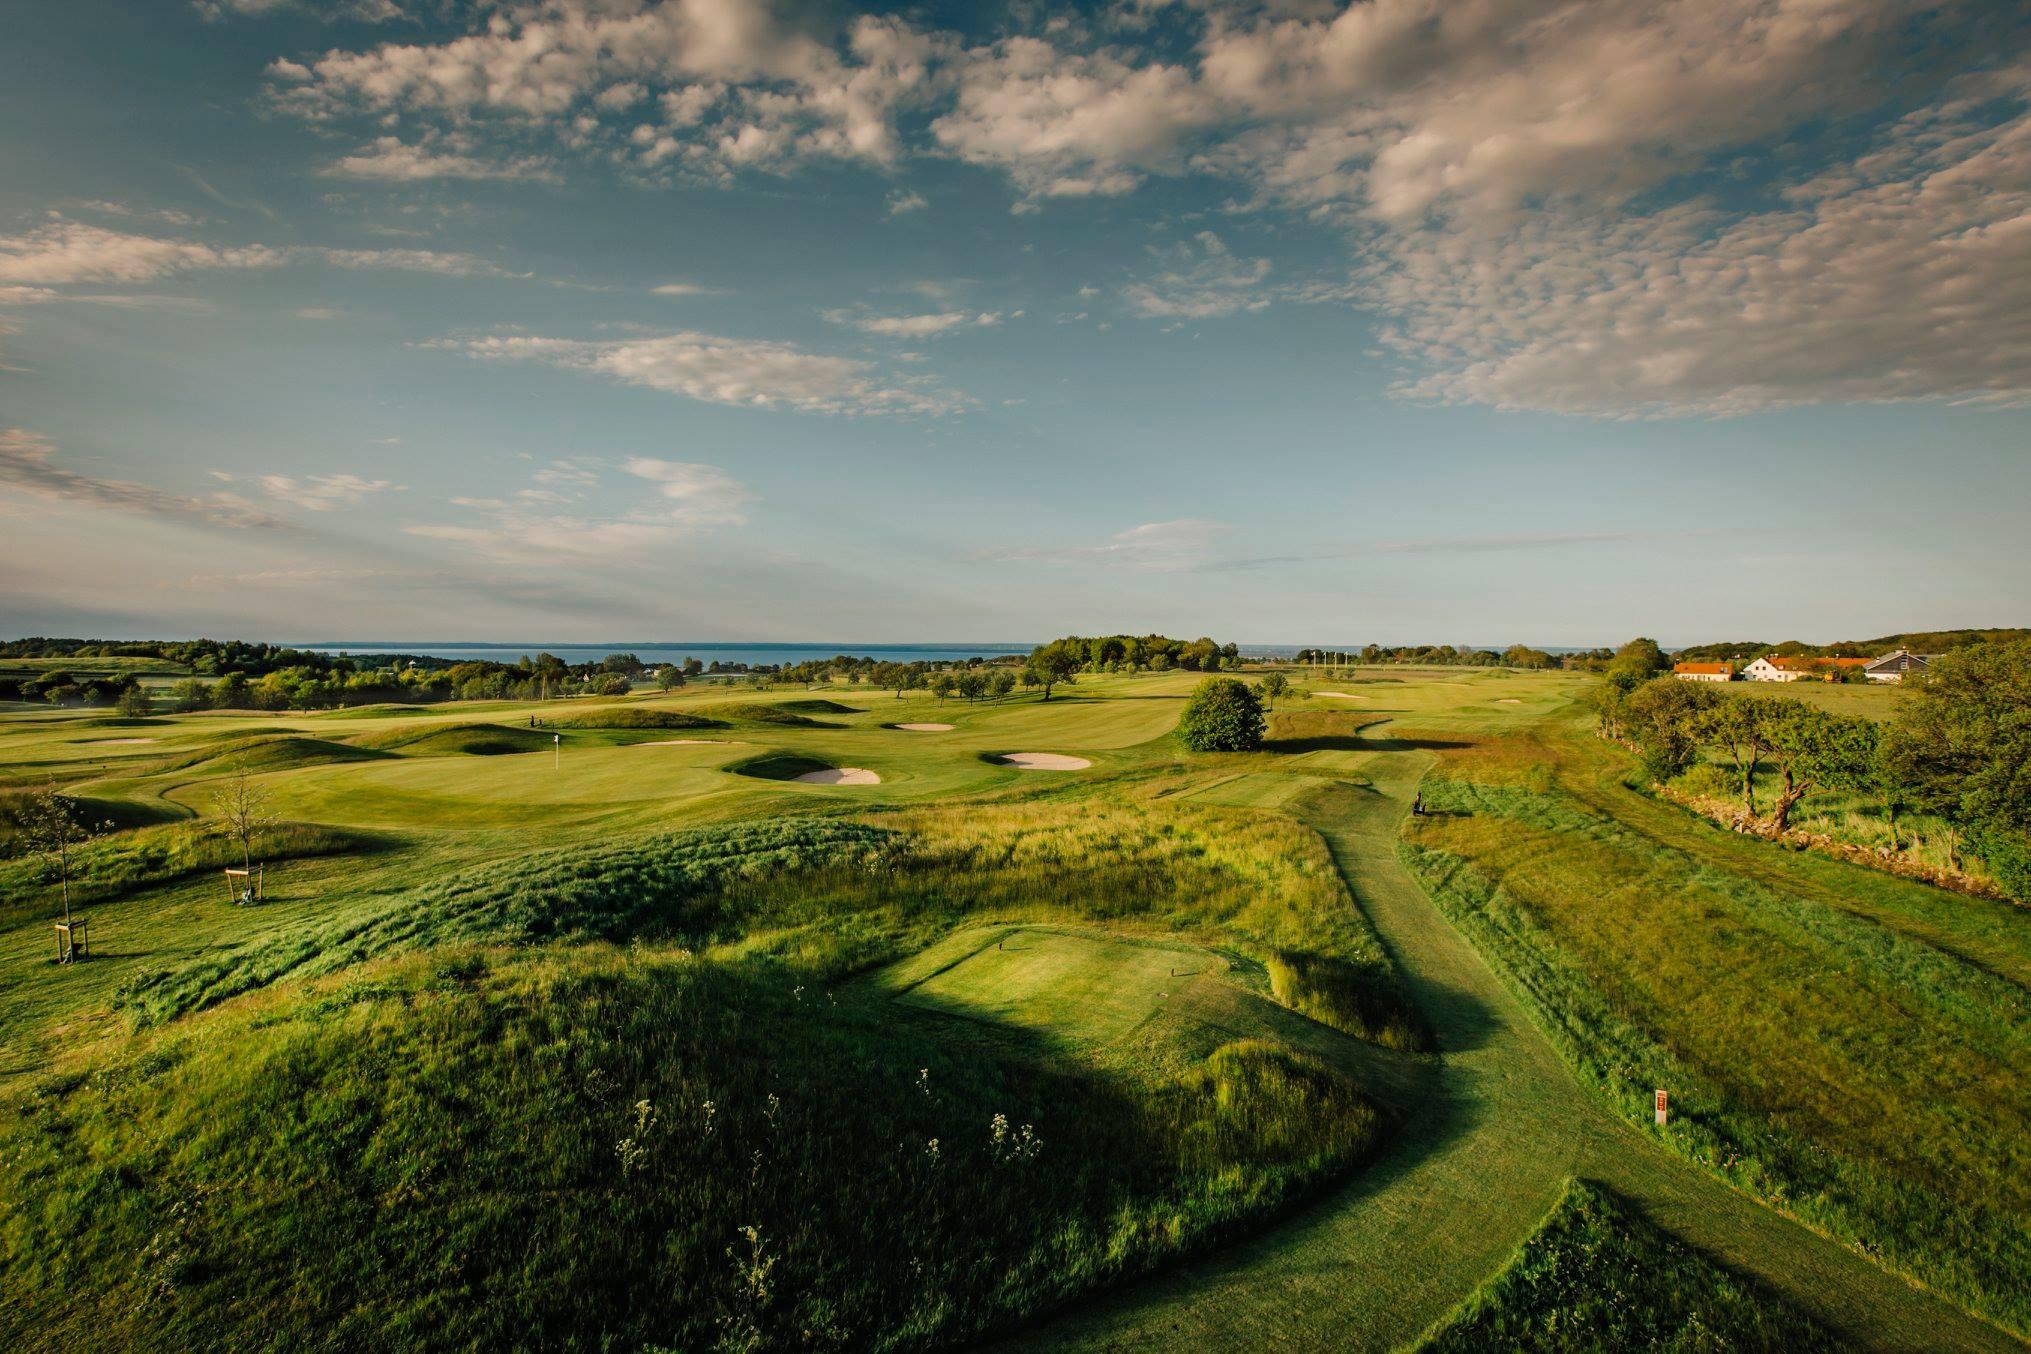 スコーネのバスタッドゴルフクラブでゴルフをする-ニャバナン2